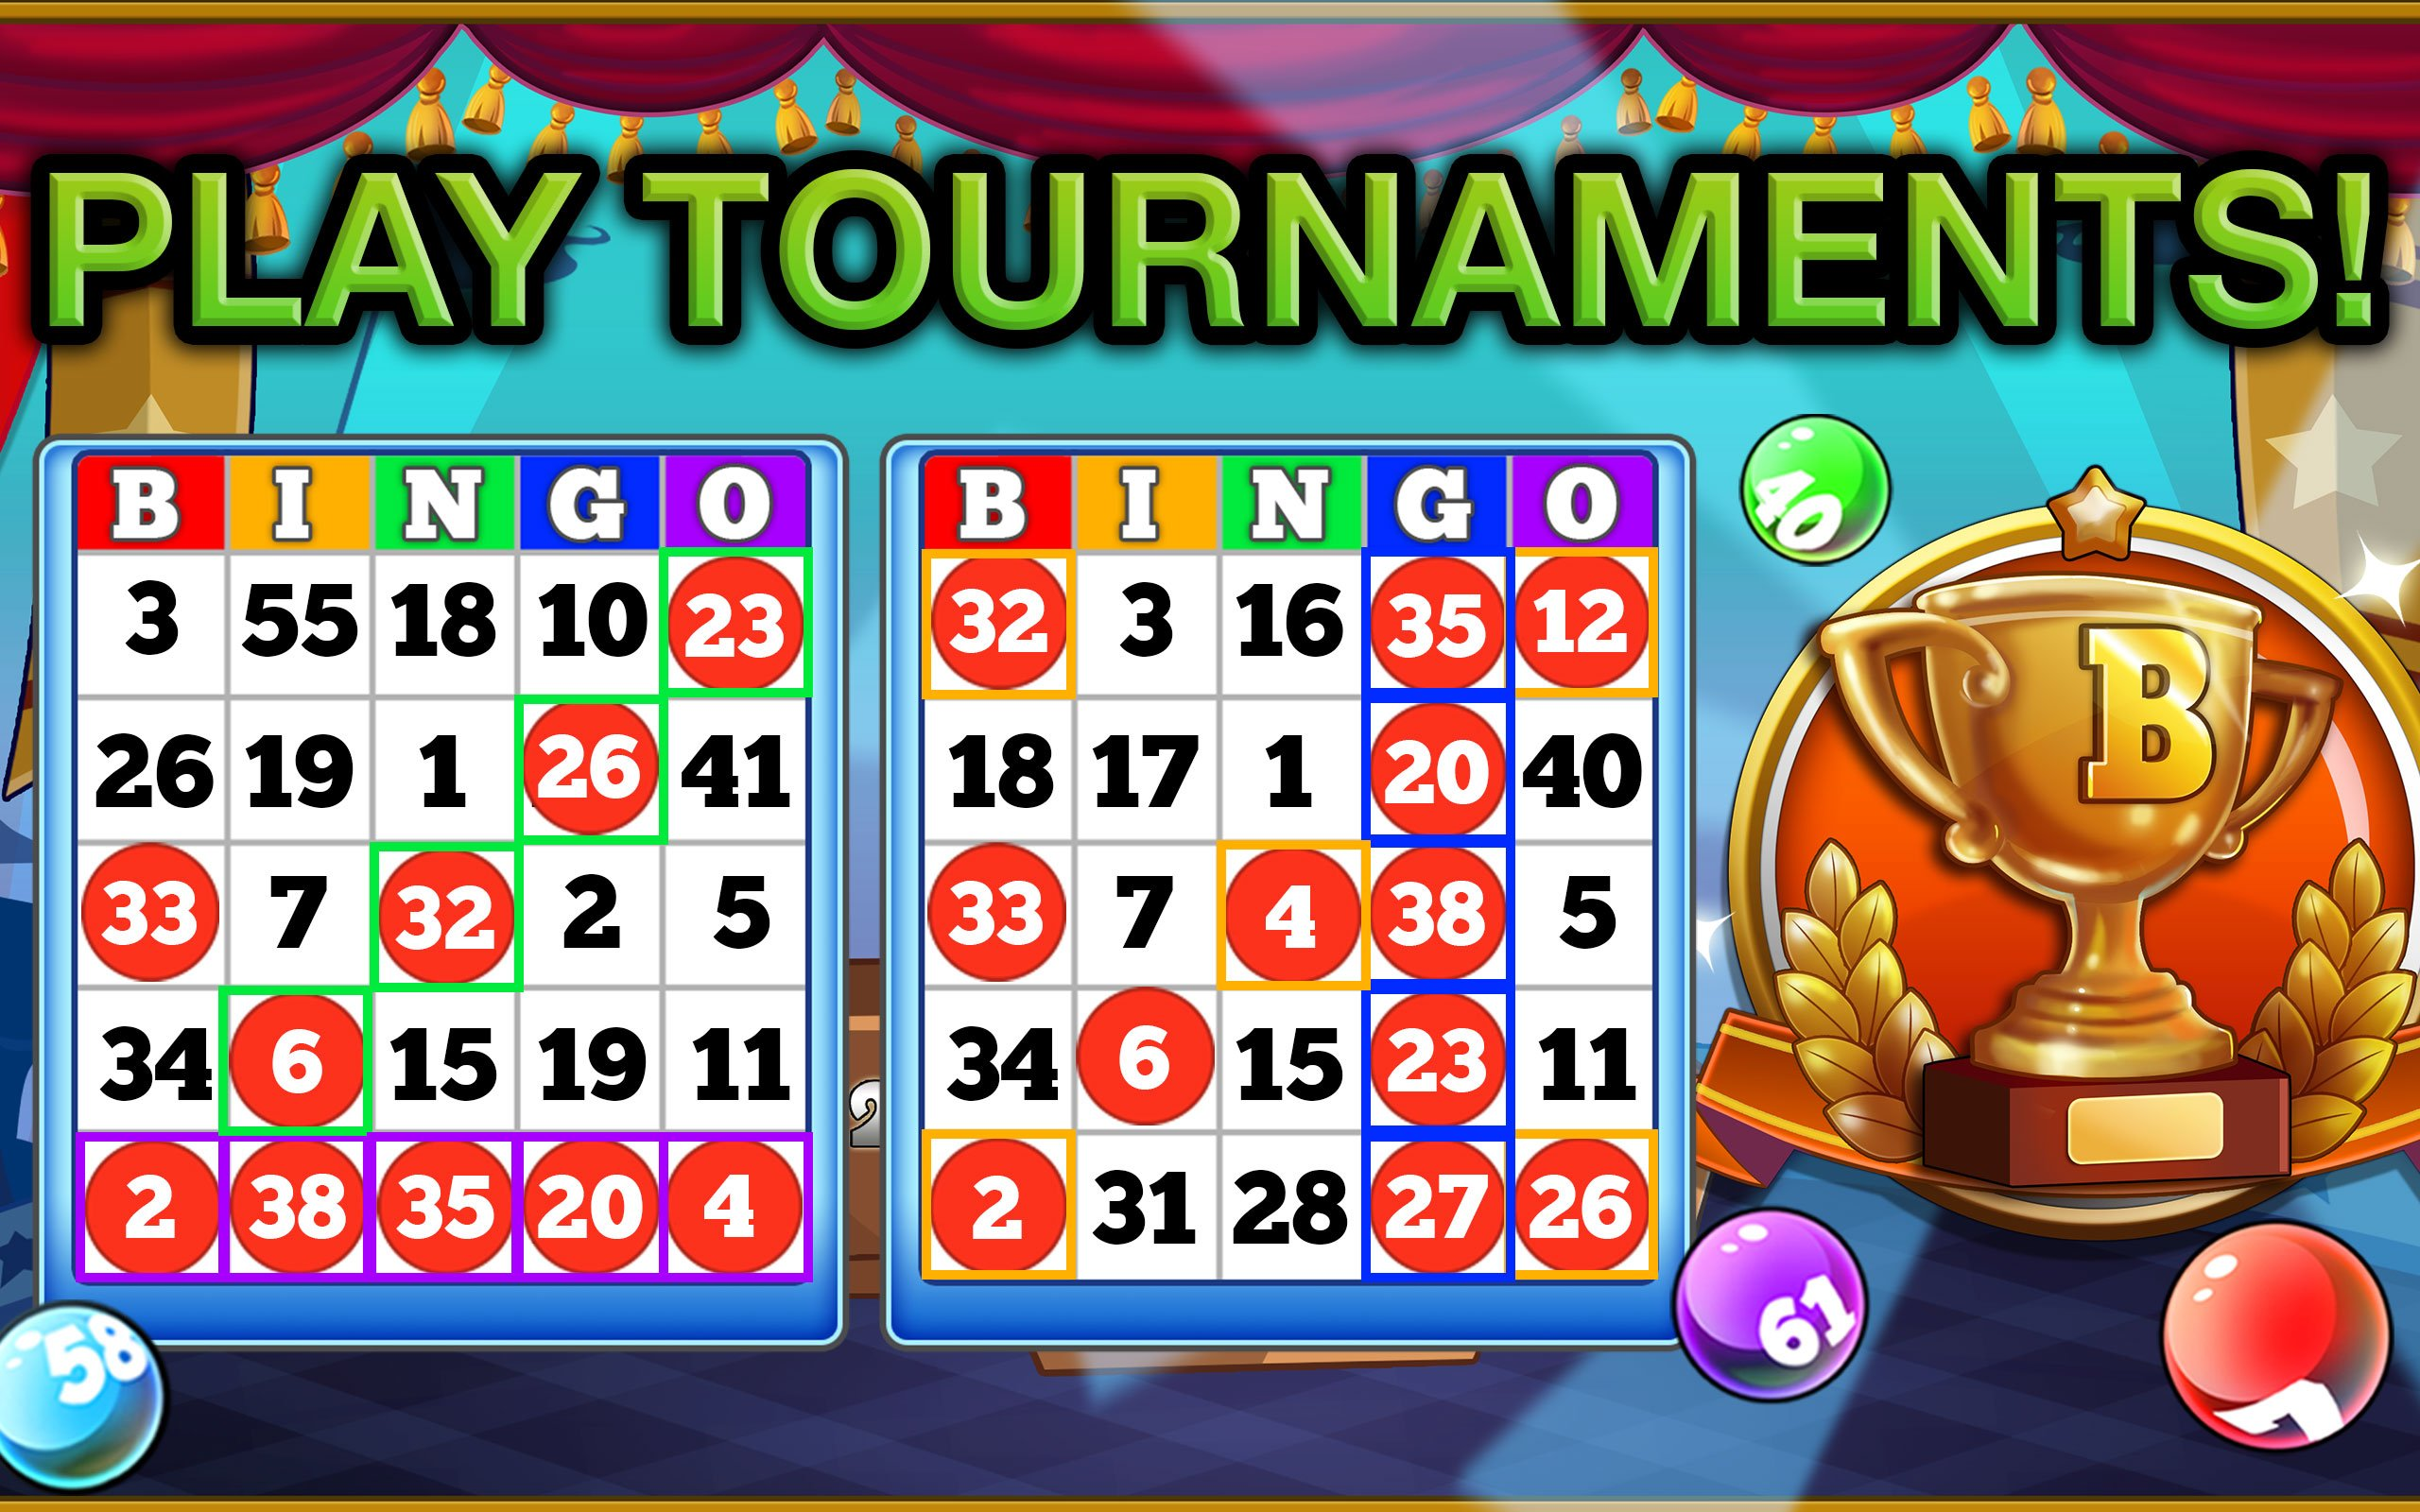 How To Play Bingo Online?